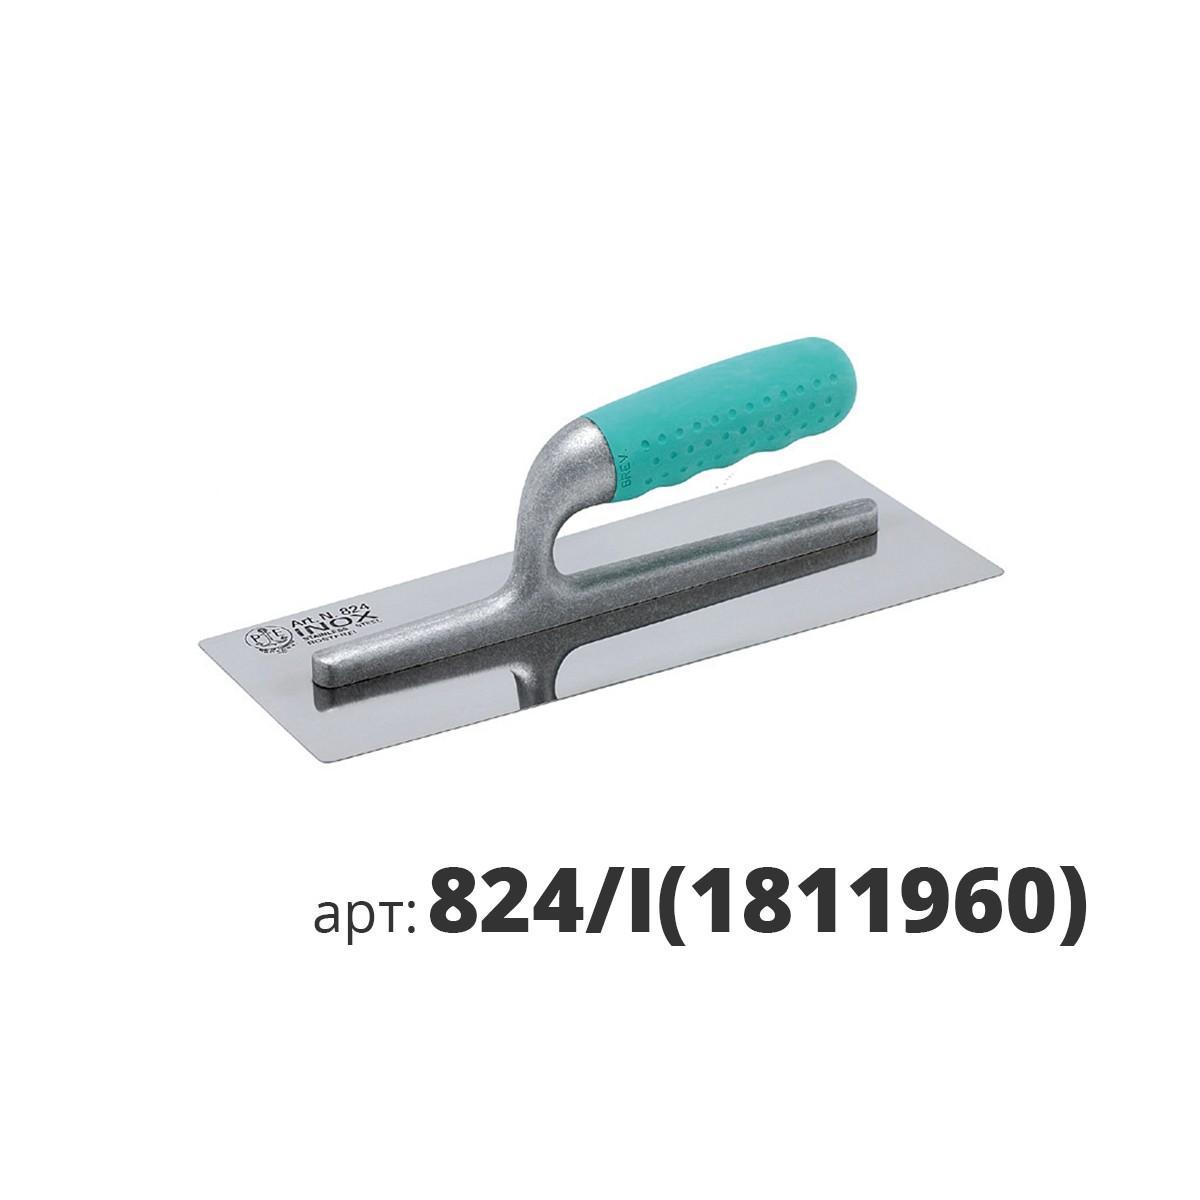 PAVAN кельма венецианская 824/I(1811960)